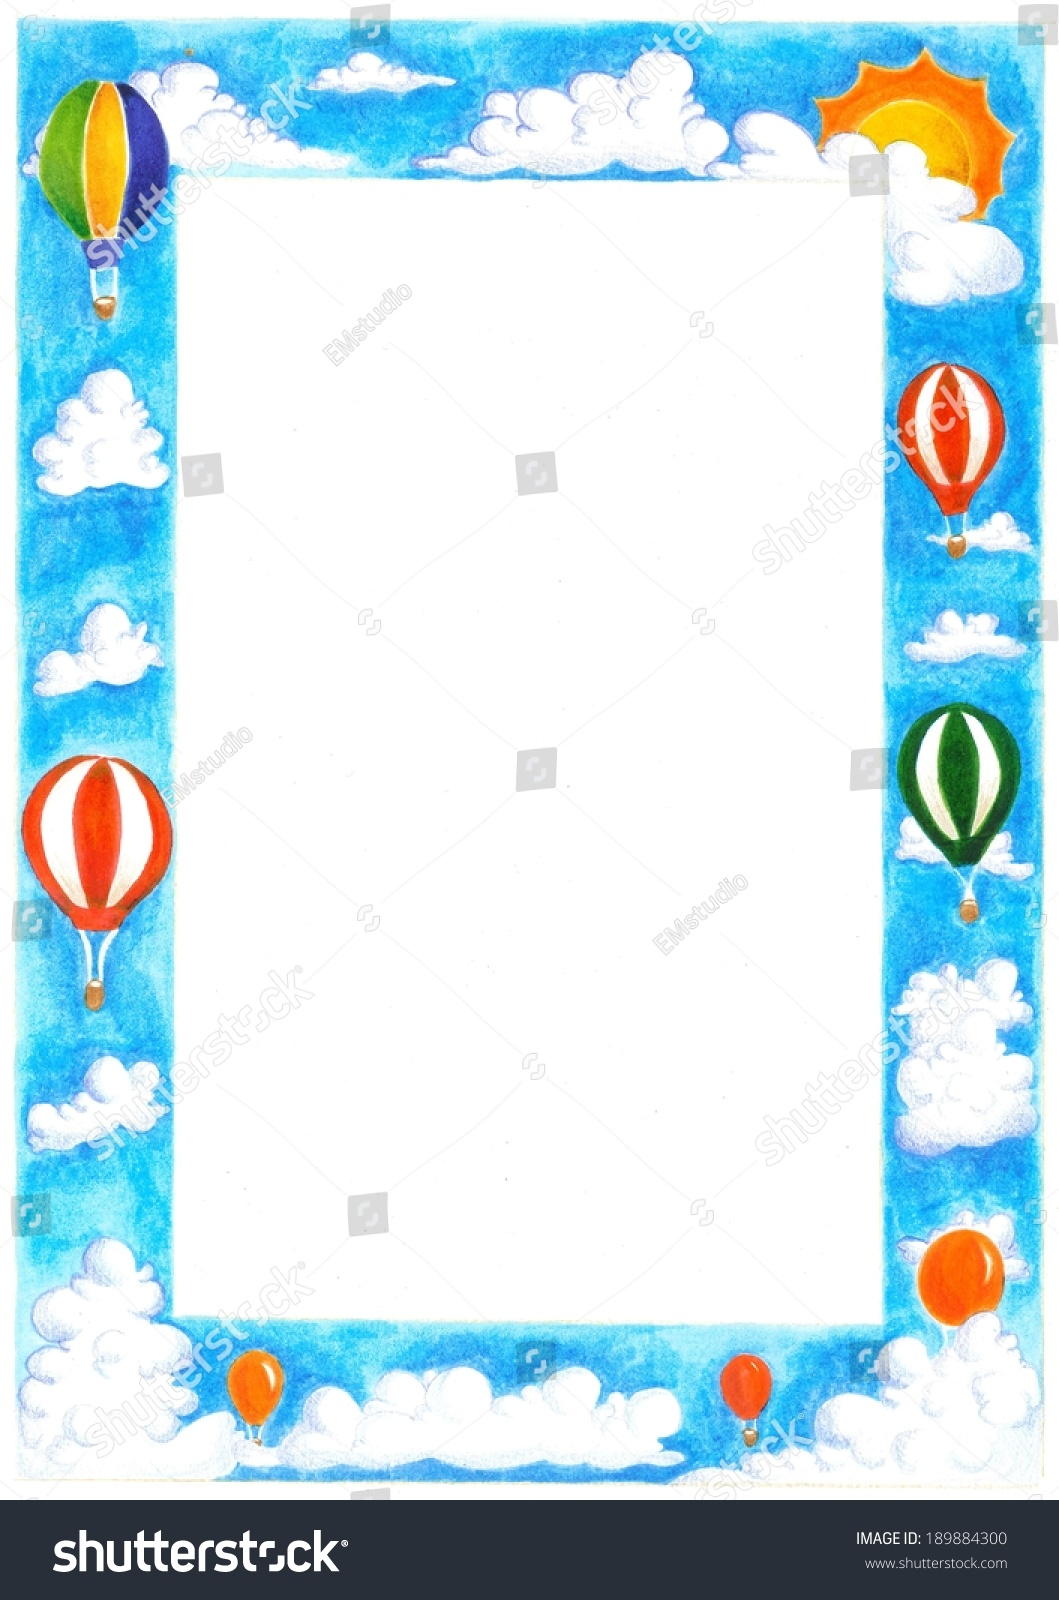 Hot Air Balloon Frame Stock Illustration 189884300 Shutterstock